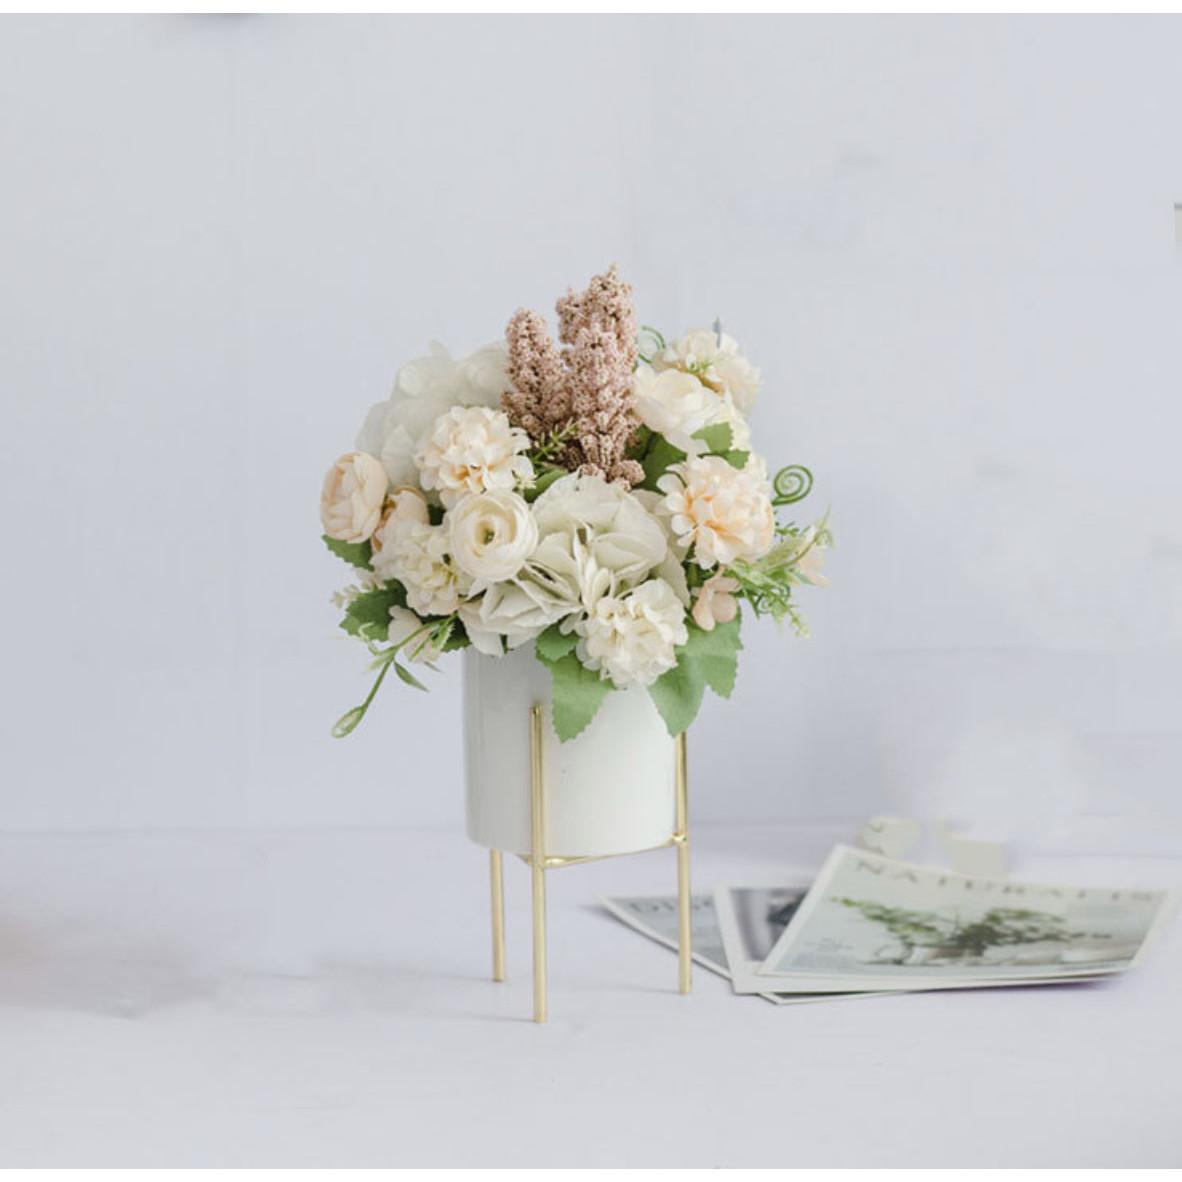 Chậu cây hoa giả hình trụ phong cách Bắc Âu kèm giá đỡ hoa cẩm tú cầu hoa hồng